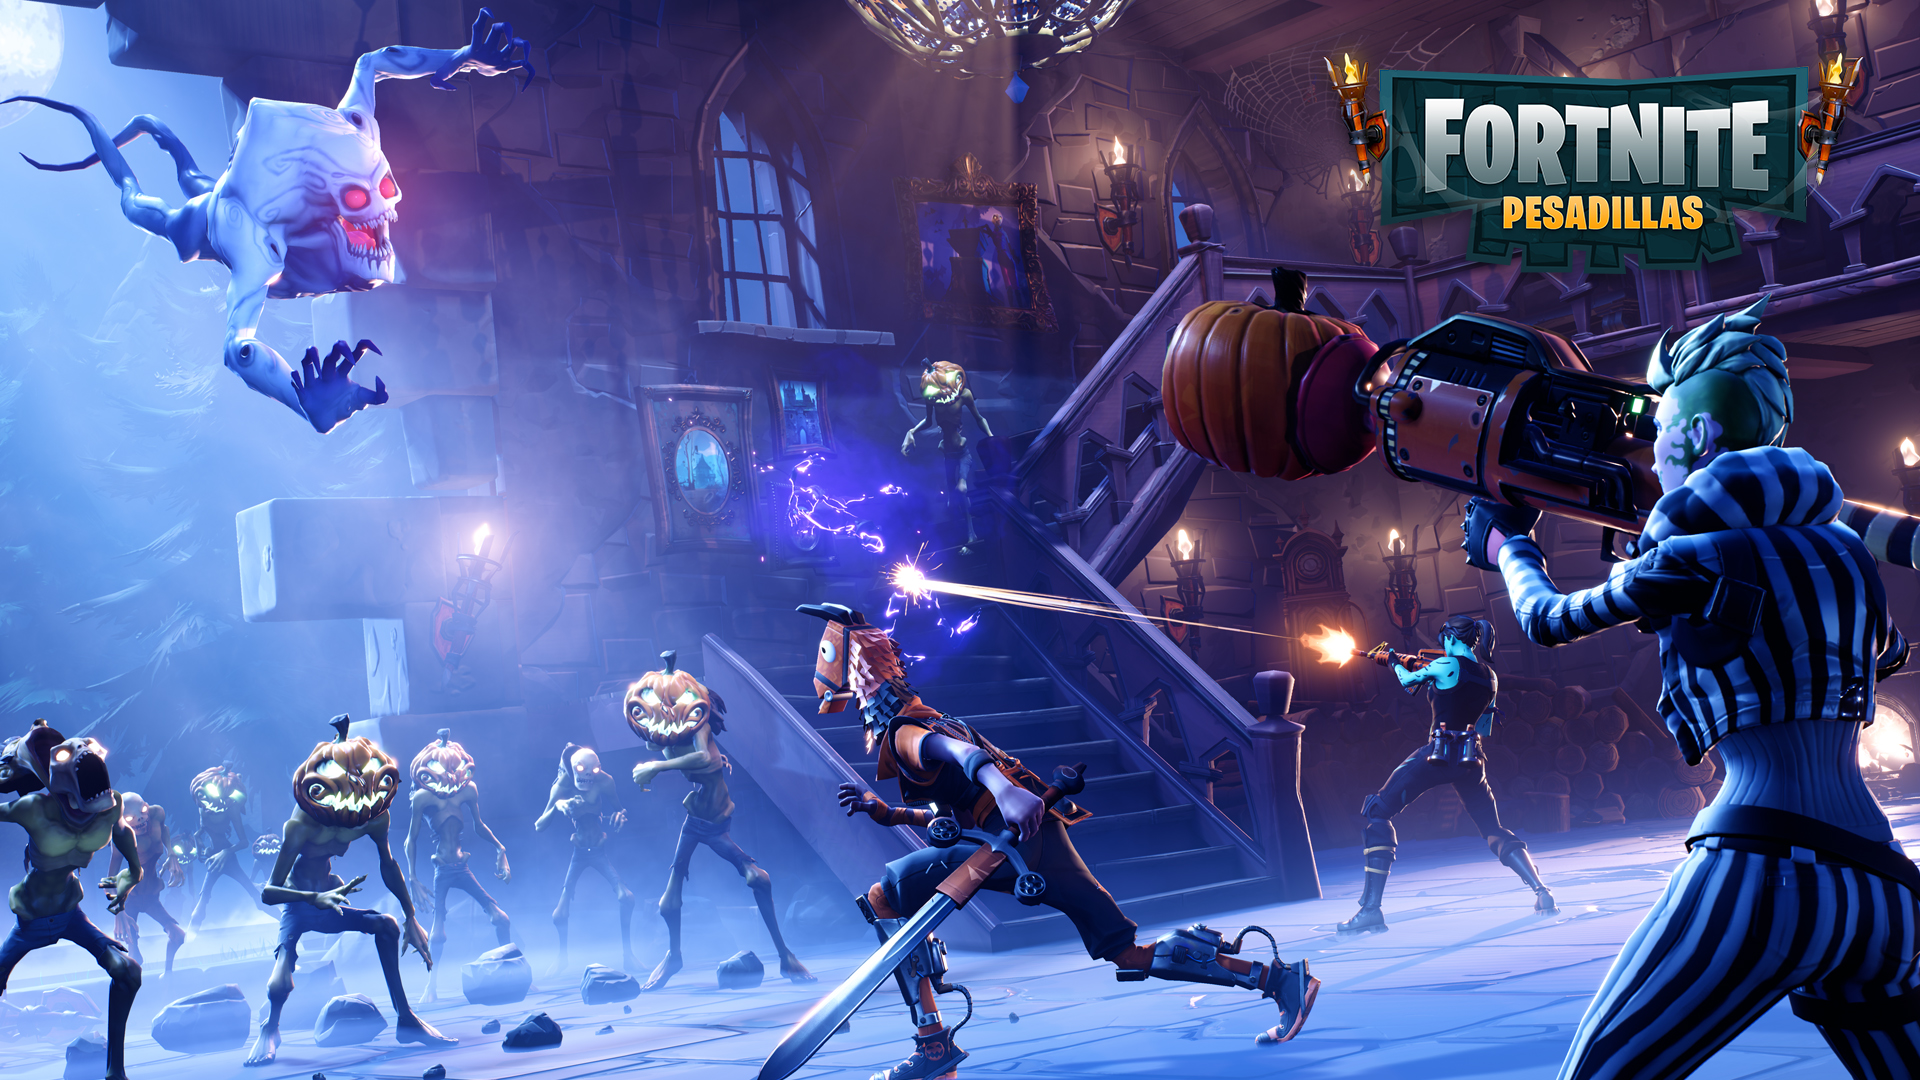 Fortnite, de Epic Games